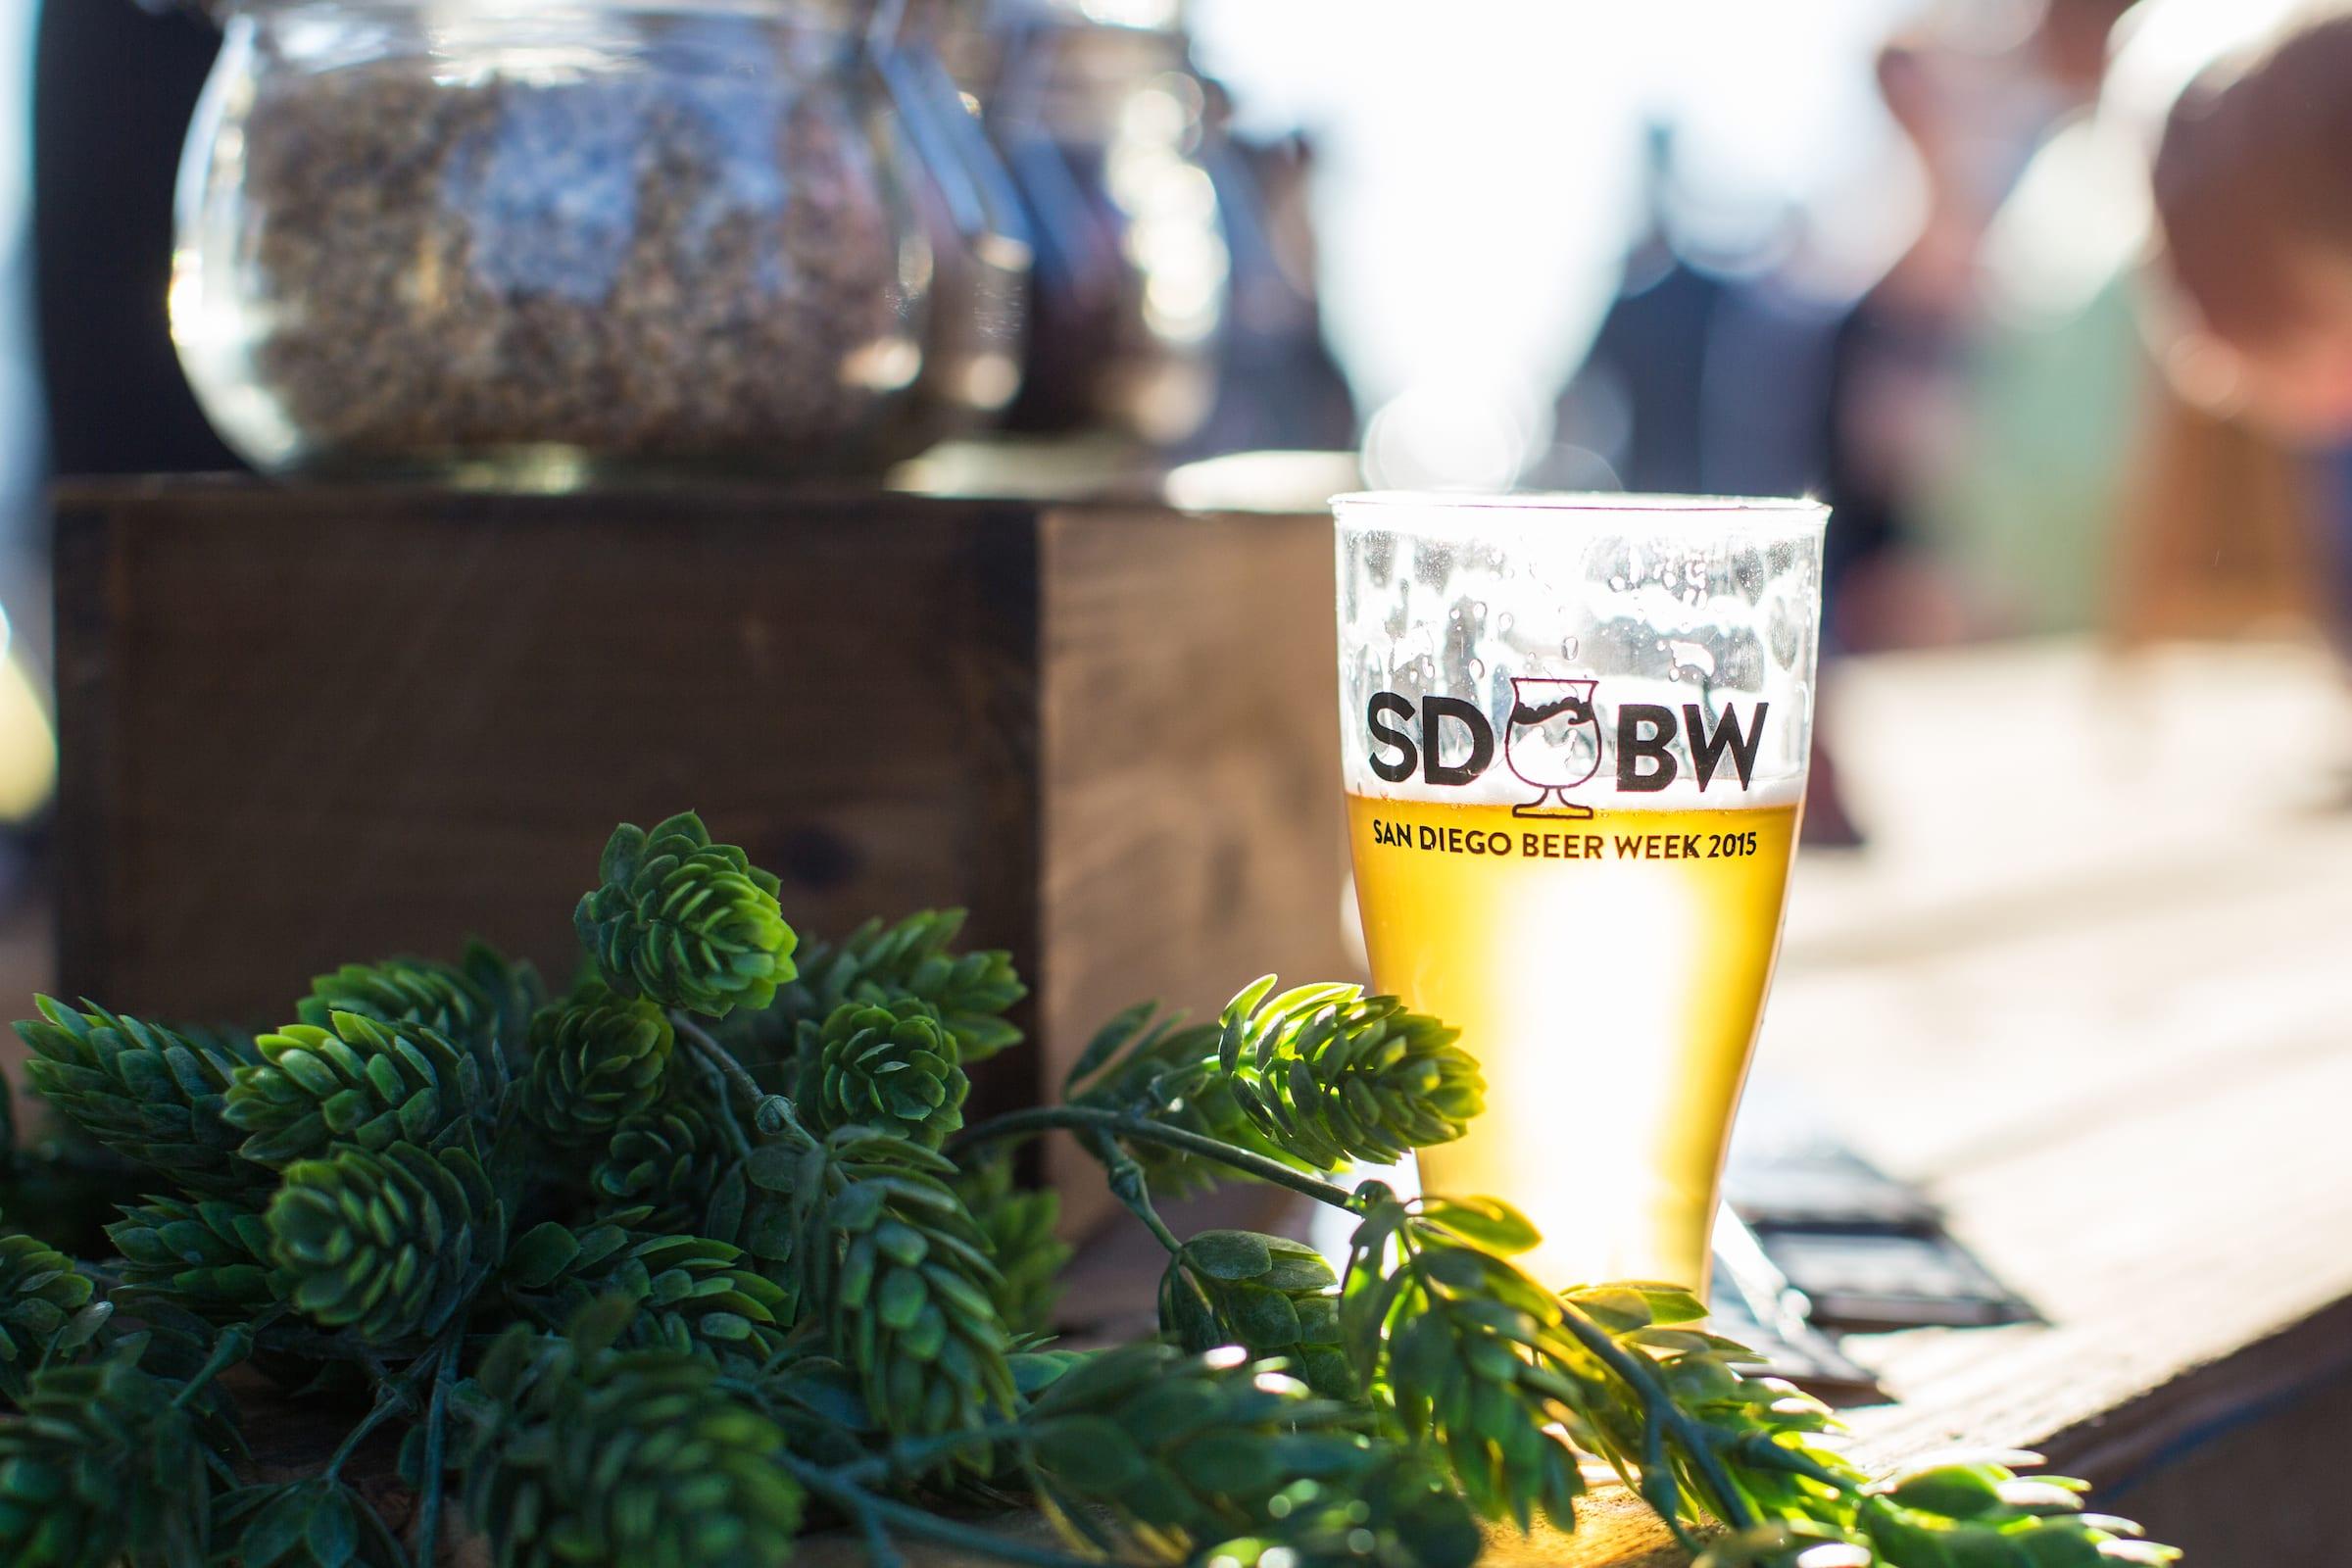 San Diego Beer Week 2016